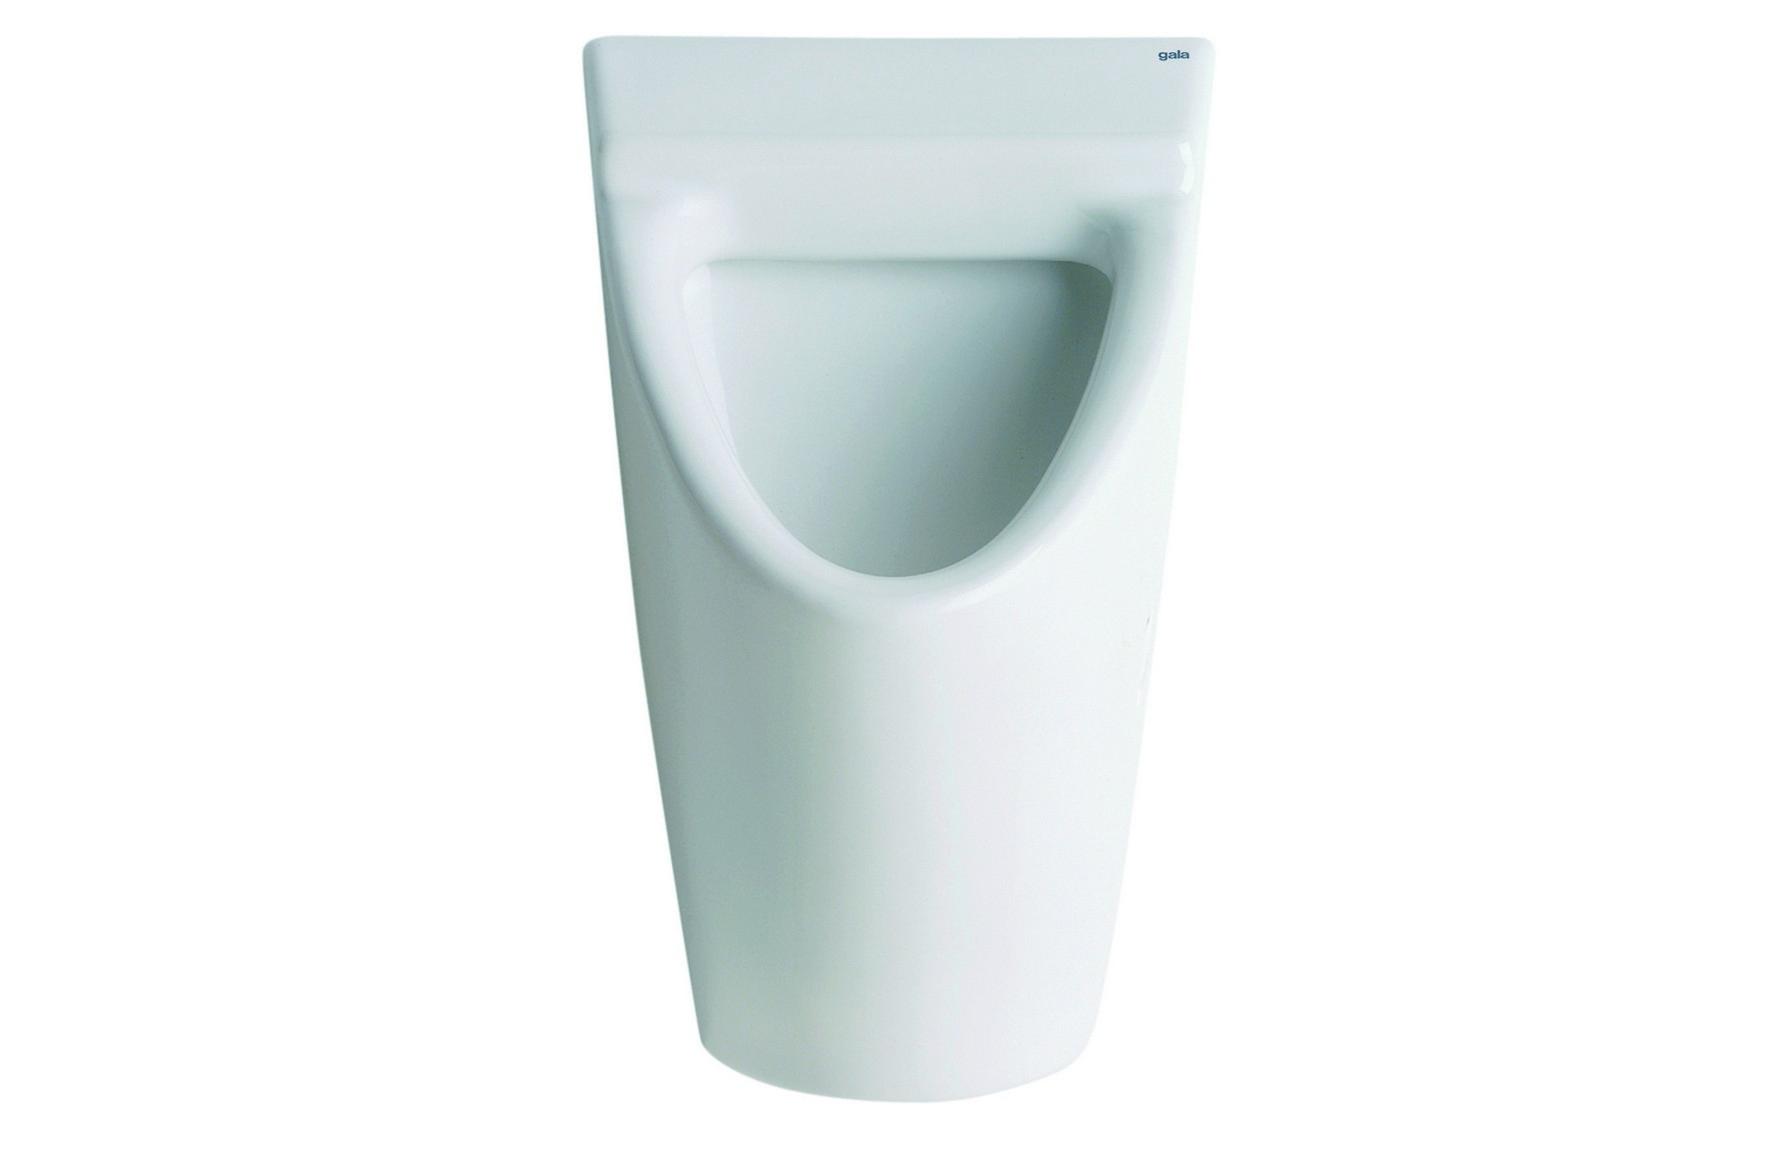 Gala urinarios minor blanco 2970101 saneamientos duque for Saneamientos gala